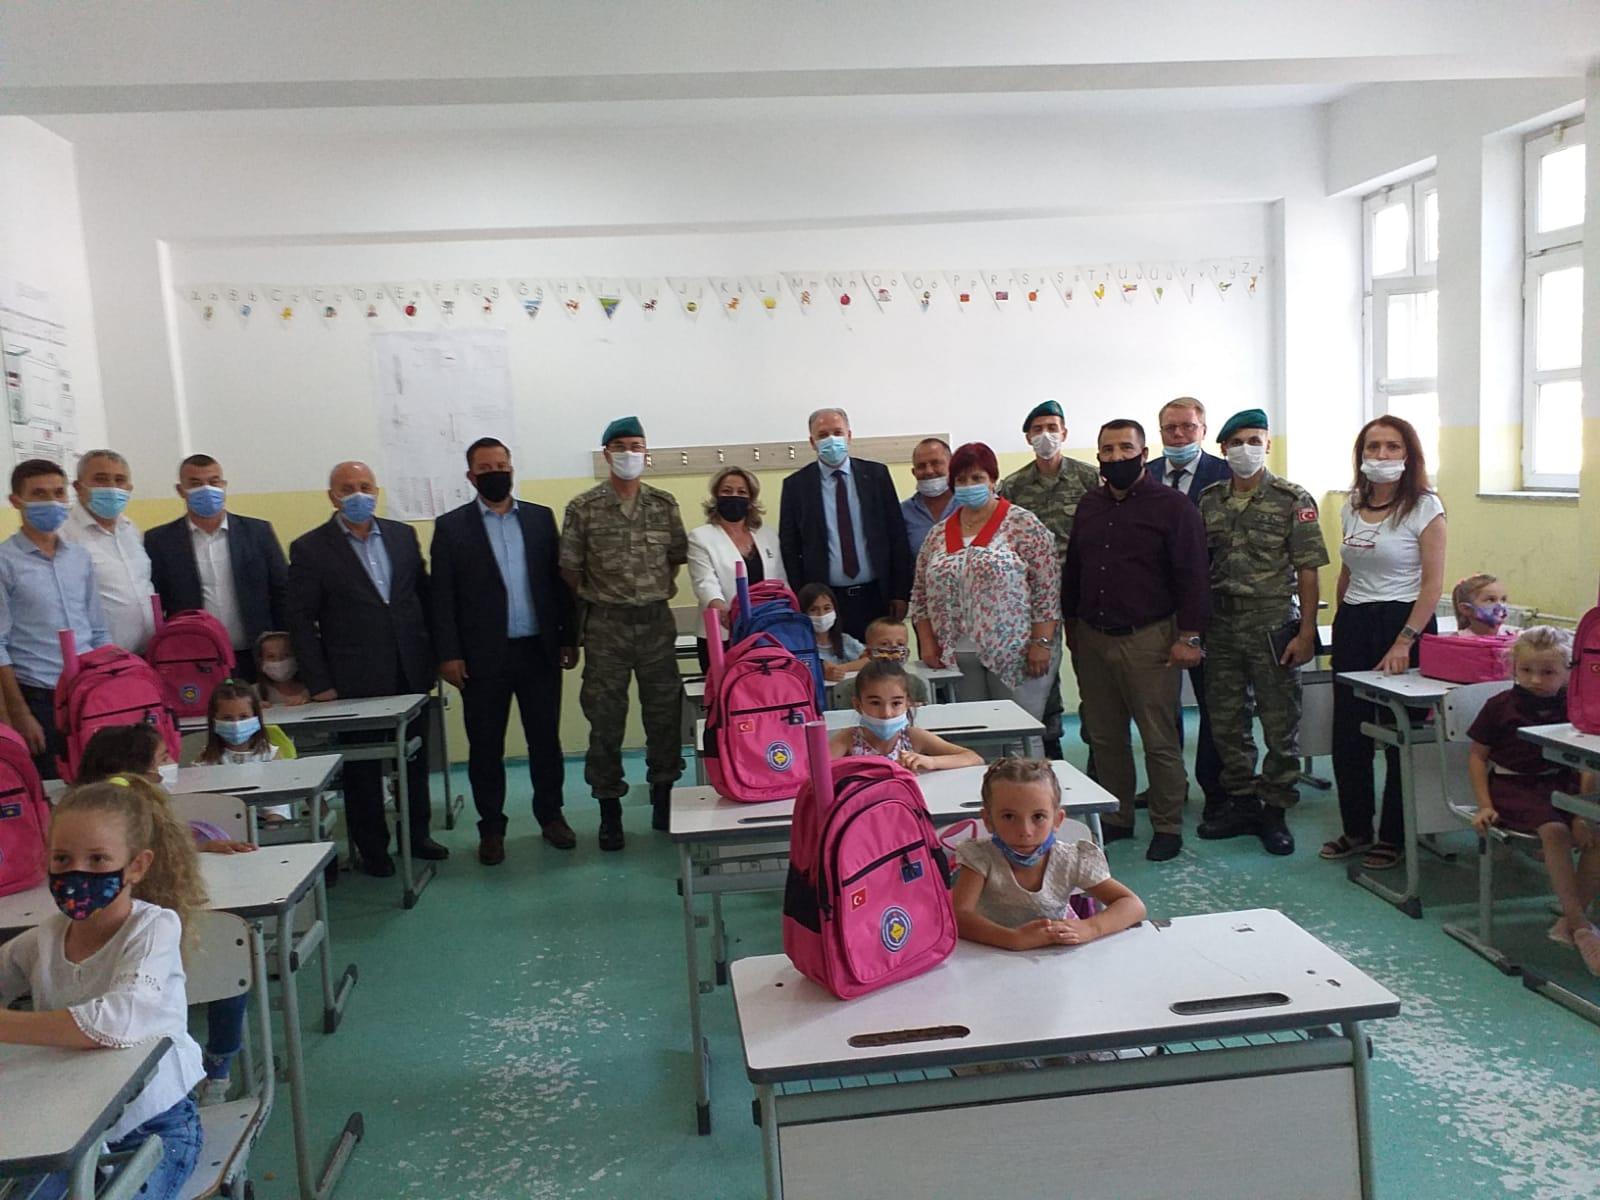 Türkçe 1. Sınıflara Kayıt Yaptıran Öğrencilere Çanta Dağıtımına Mamuşa'da Devam Edildi